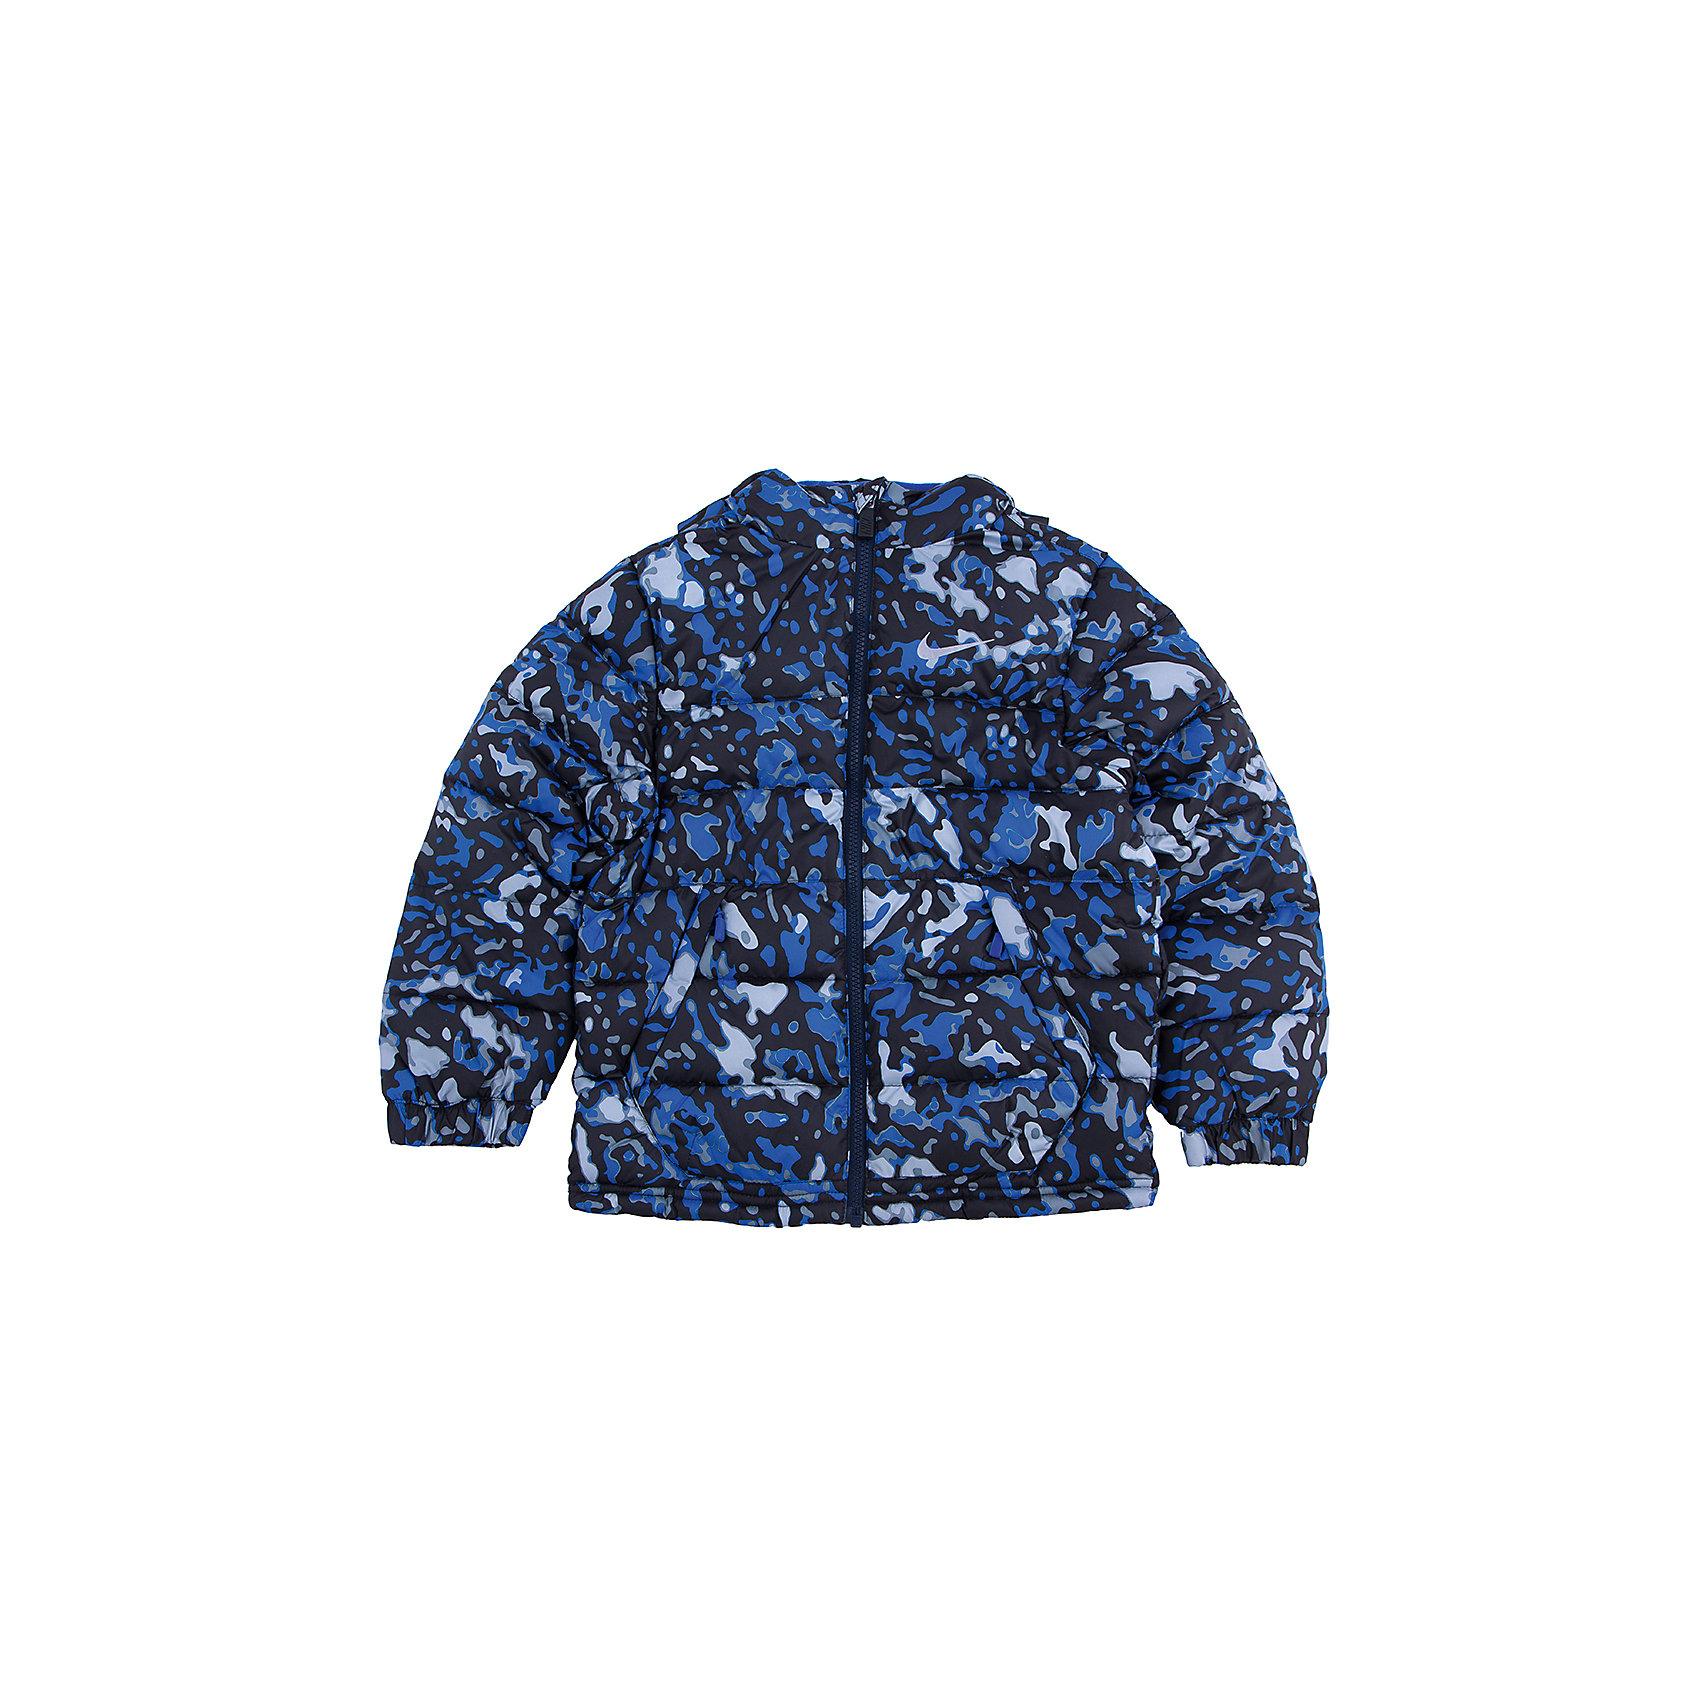 Куртка для мальчика NIKE ALLIANCE GFX JACKET YTH NIKEКуртка для мальчика NIKE ALLIANCE GFX JACKET YTH NIKE - практичный и удобный вариант для вашего ребенка. Легкий стильный пуховик с искусственным наполнителем сохранит тепло на протяжении всей зимы. Современные искусственные материалы куртки отличаются износостойкостью, устойчивостью к воздействию тепла и света, быстро сохнут и не требуют особого ухода.<br><br>Дополнительная информация:<br><br>Материал подкладки полиэстер, 100 %<br>Утеплитель полиэстер, 100 %<br>Утепленный капюшон с высоким воротом, врезные карманы на молнии<br>Капюшон и манжеты рукавов с флисовой подкладкой<br>Температурный режим: от +5° до -15°С<br><br>Куртку для мальчика NIKE ALLIANCE GFX JACKET YTH NIKE можно купить в нашем магазине.<br><br>Ширина мм: 356<br>Глубина мм: 10<br>Высота мм: 245<br>Вес г: 519<br>Цвет: синий<br>Возраст от месяцев: 108<br>Возраст до месяцев: 144<br>Пол: Мужской<br>Возраст: Детский<br>Размер: 140/152,158/170,152/158,128/140,116/128<br>SKU: 4248723